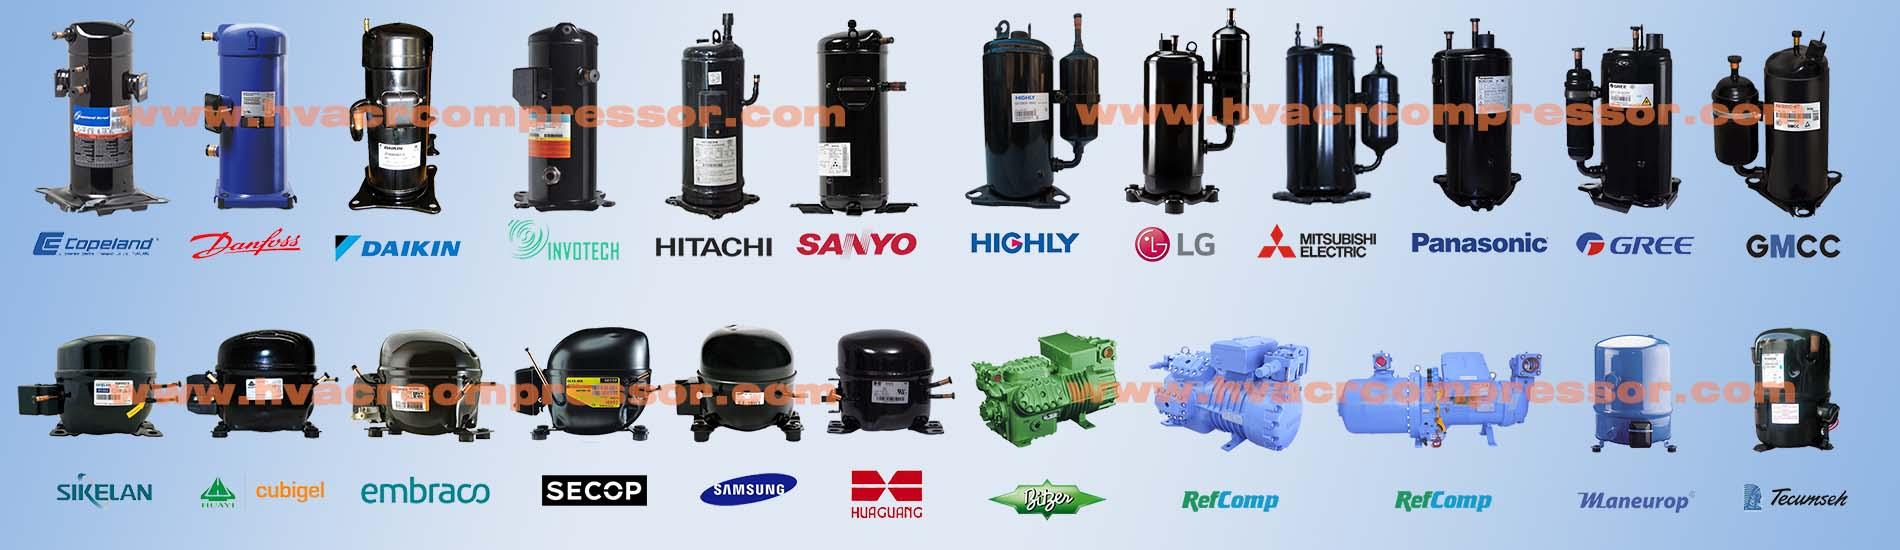 NEWEX HVACR Compressor Company slider - 1900-550-2